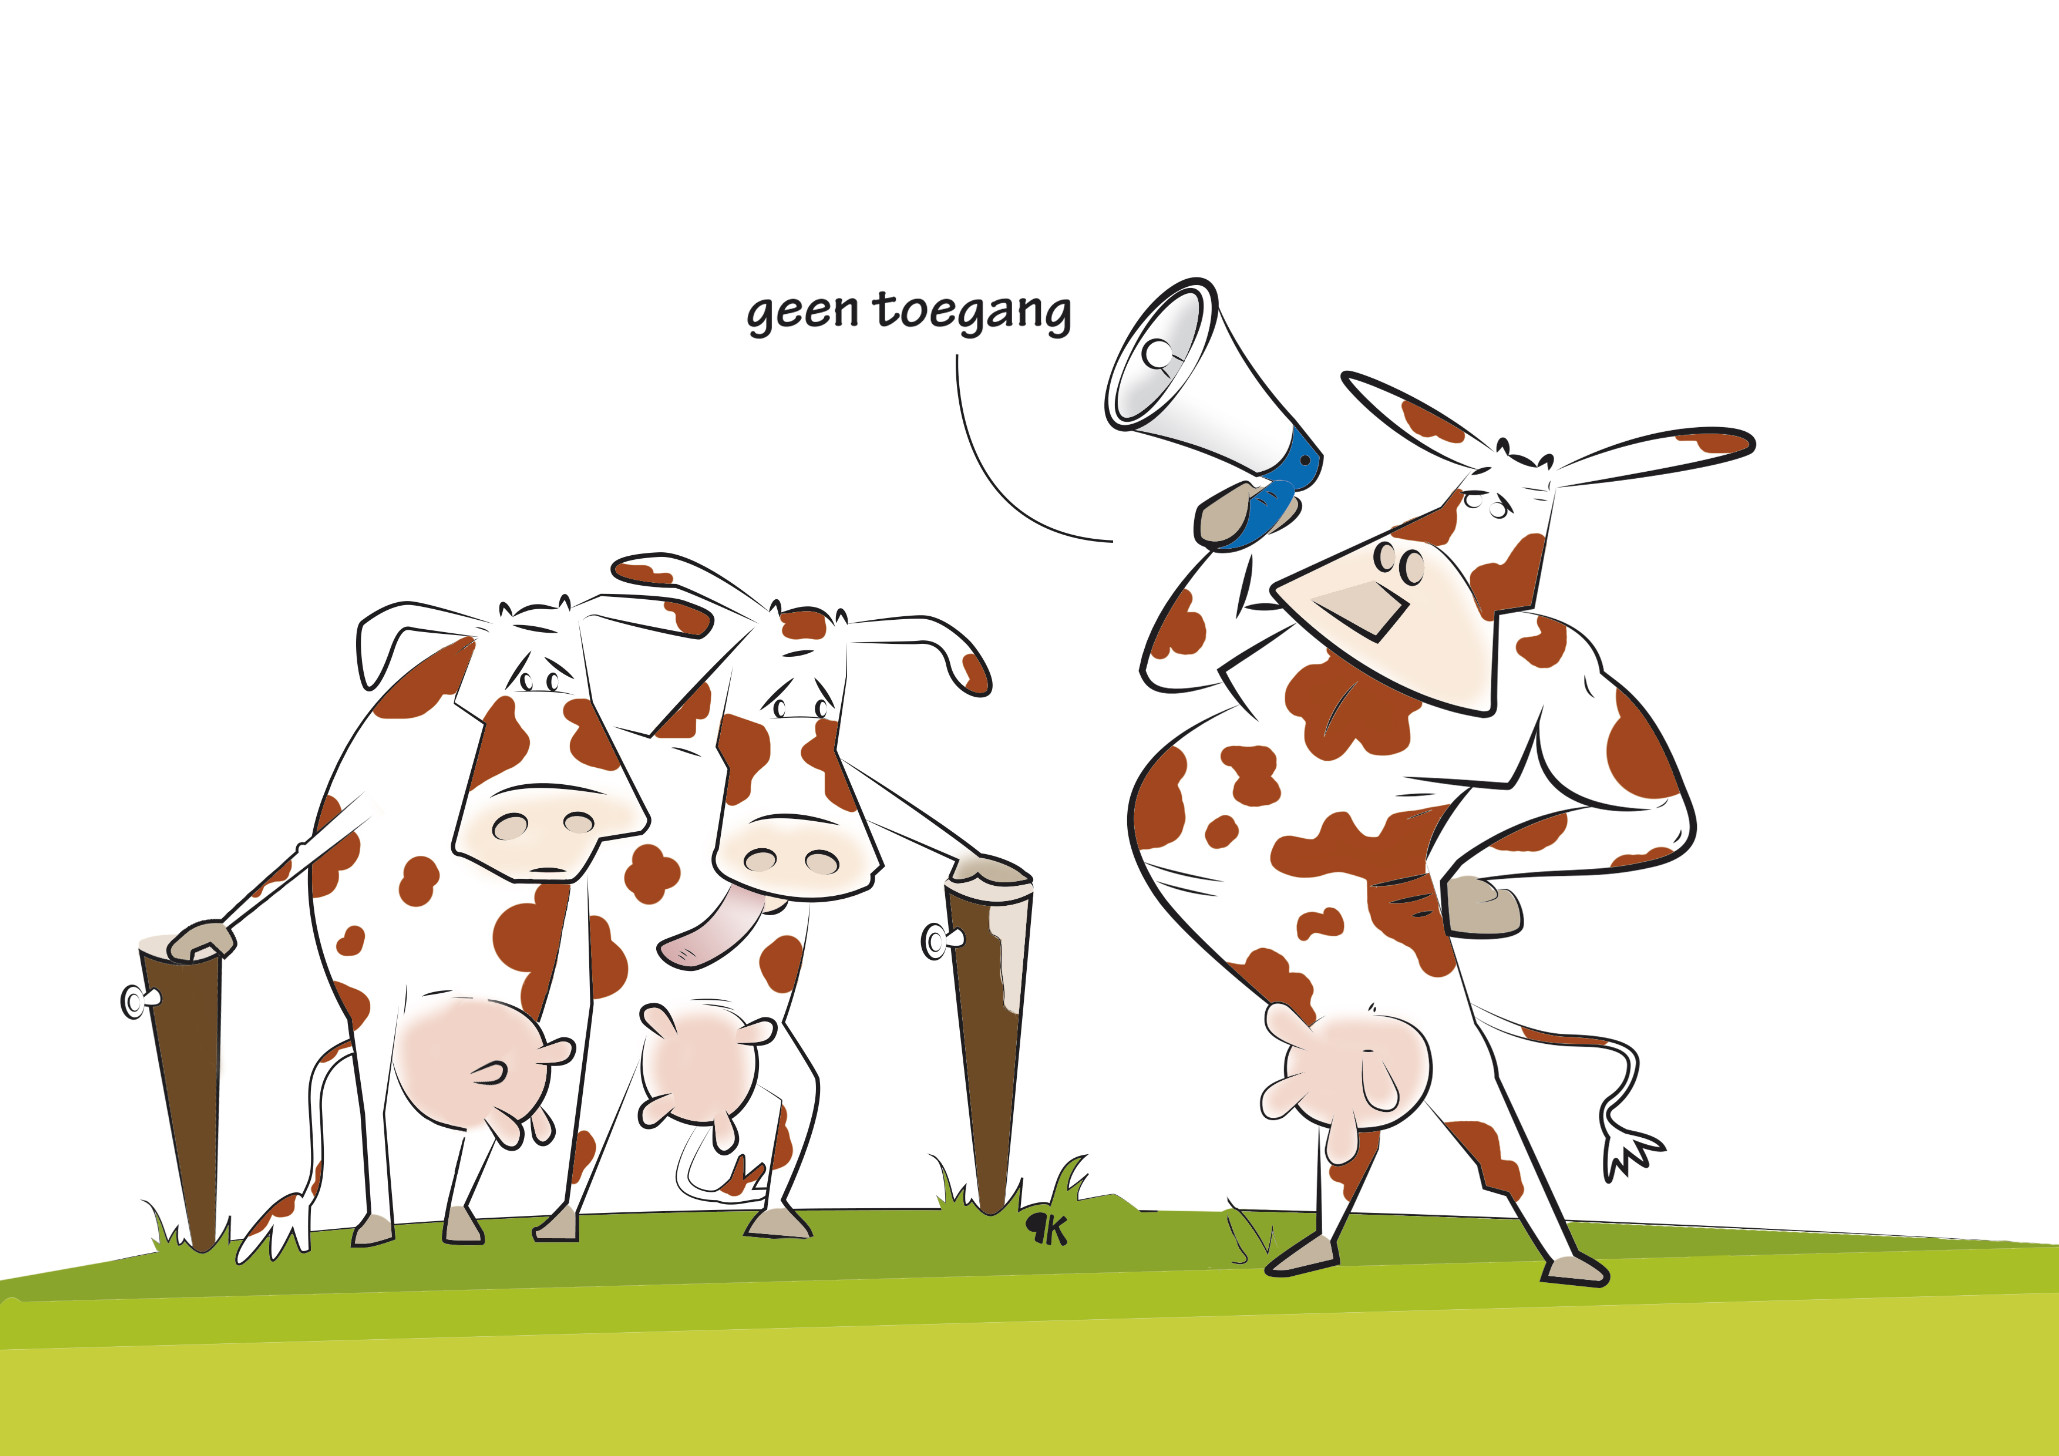 Elke week stoppen er acht varkenshouders in Nederland